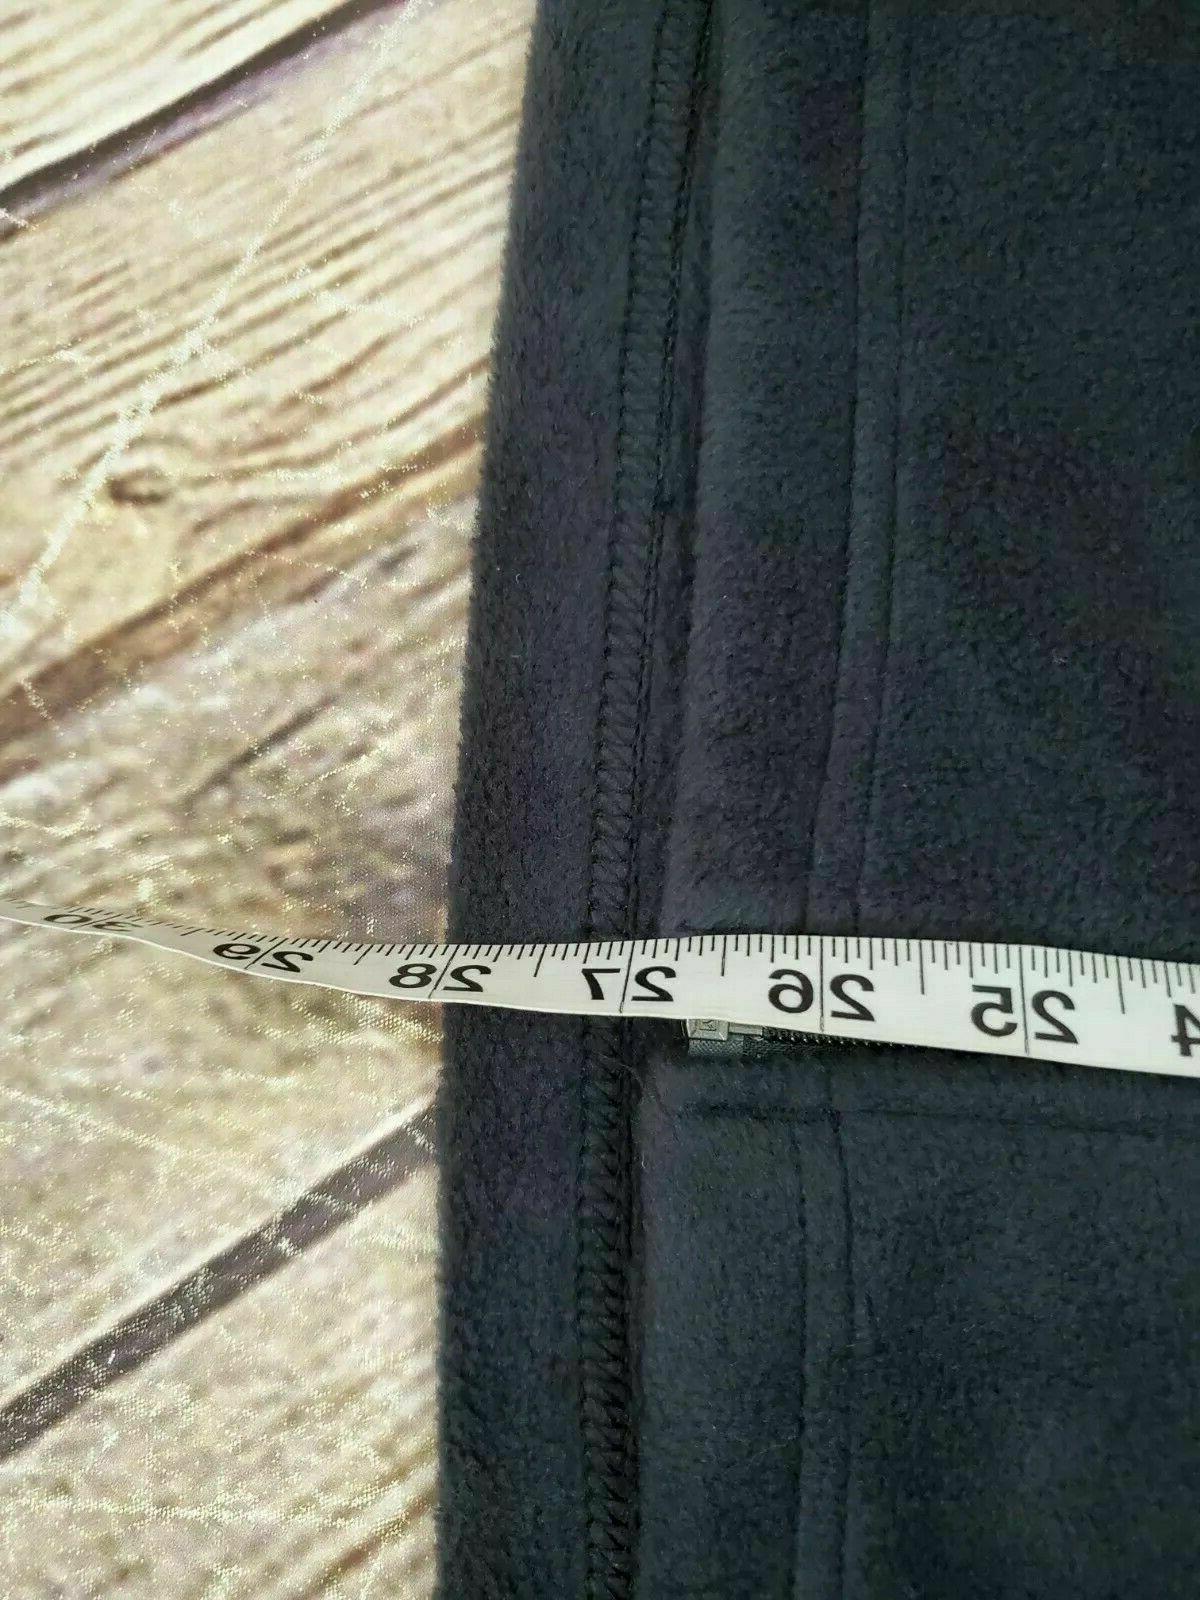 Vest Full Zip Fleece Black/Mountain Red NWOT